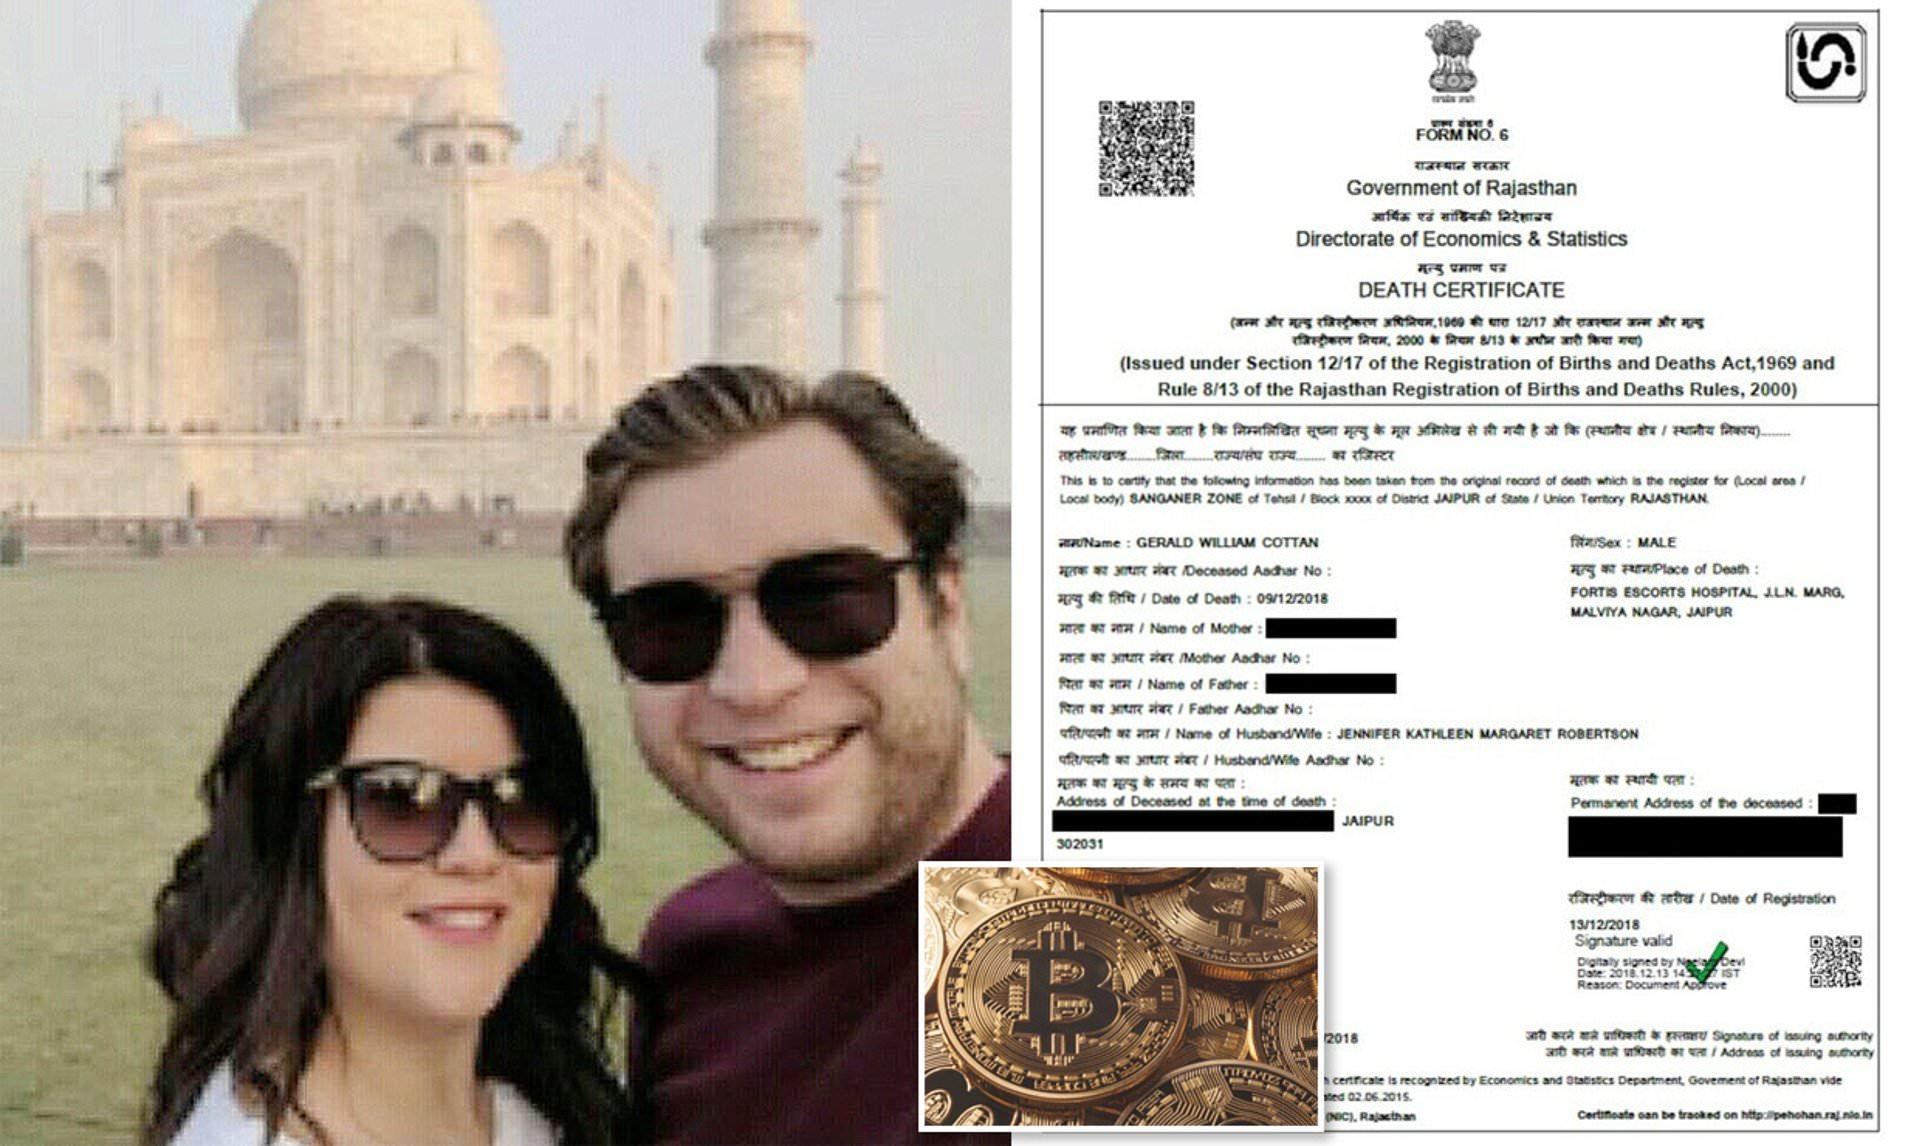 quadrigacx death certificate photo